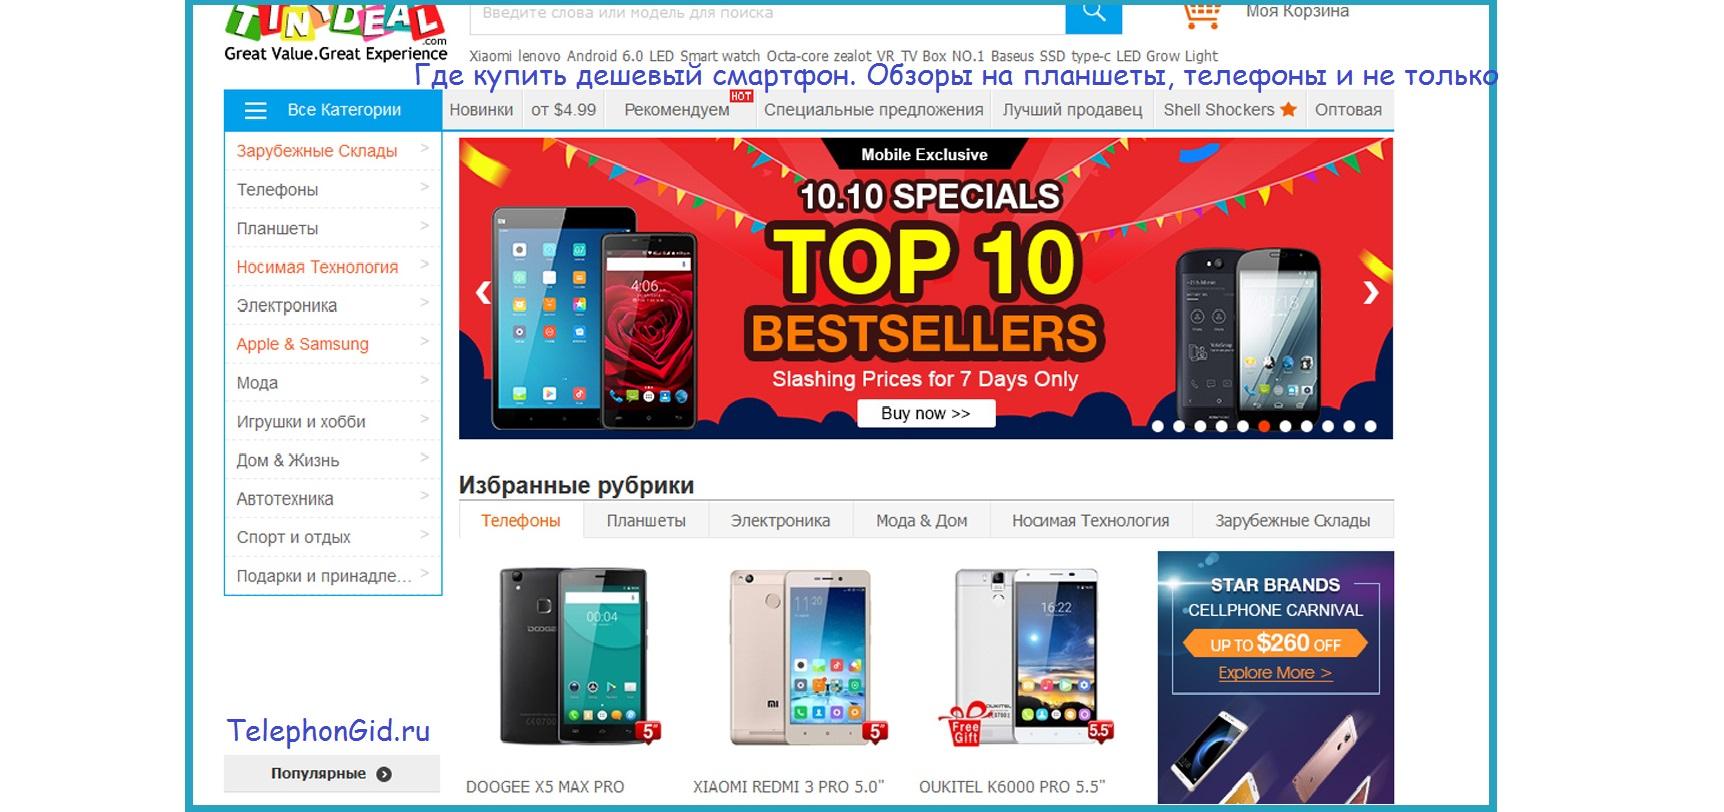 Где купить дешевый смартфон. Обзоры на планшеты, телефоны и не только